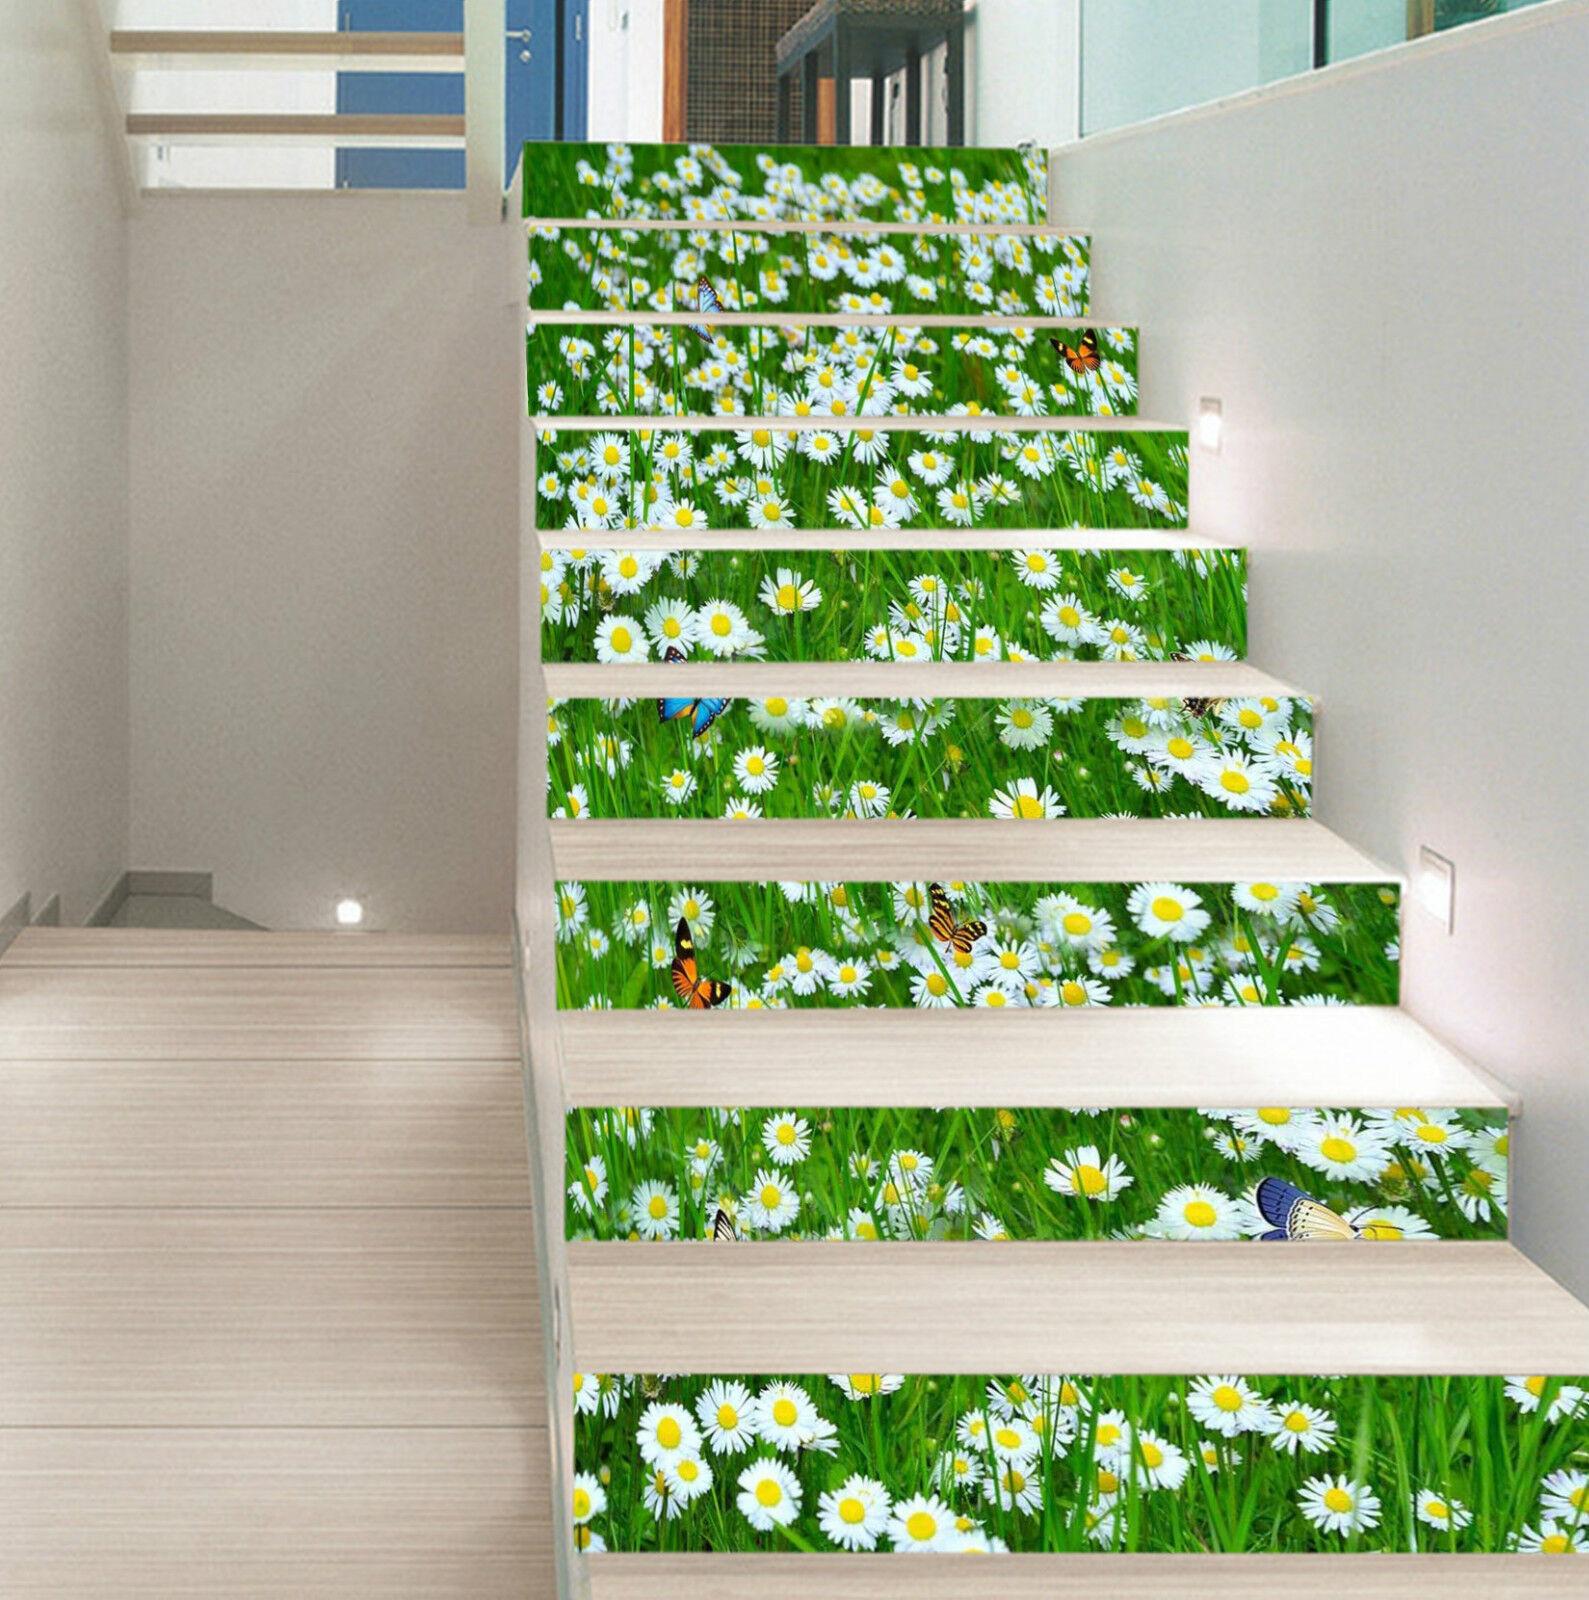 3D Weiß Blaume 1346 Stair Risers Dekoration Fototapete Vinyl Aufkleber Tapete DE